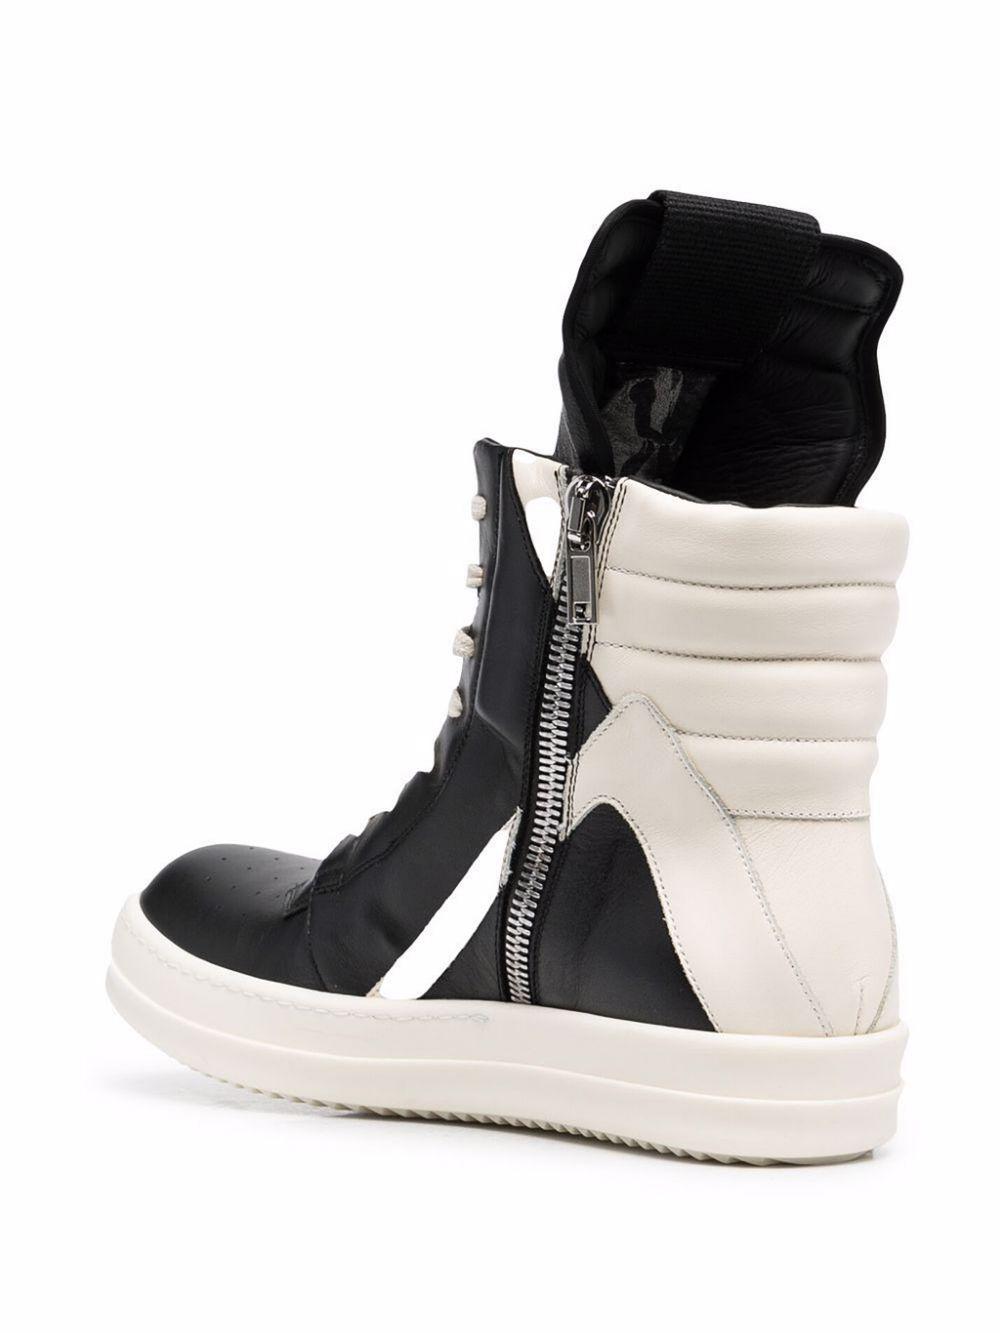 sneakers geobasket man black in leather RICK OWENS   Sneakers   RU02A5894 LPO9111